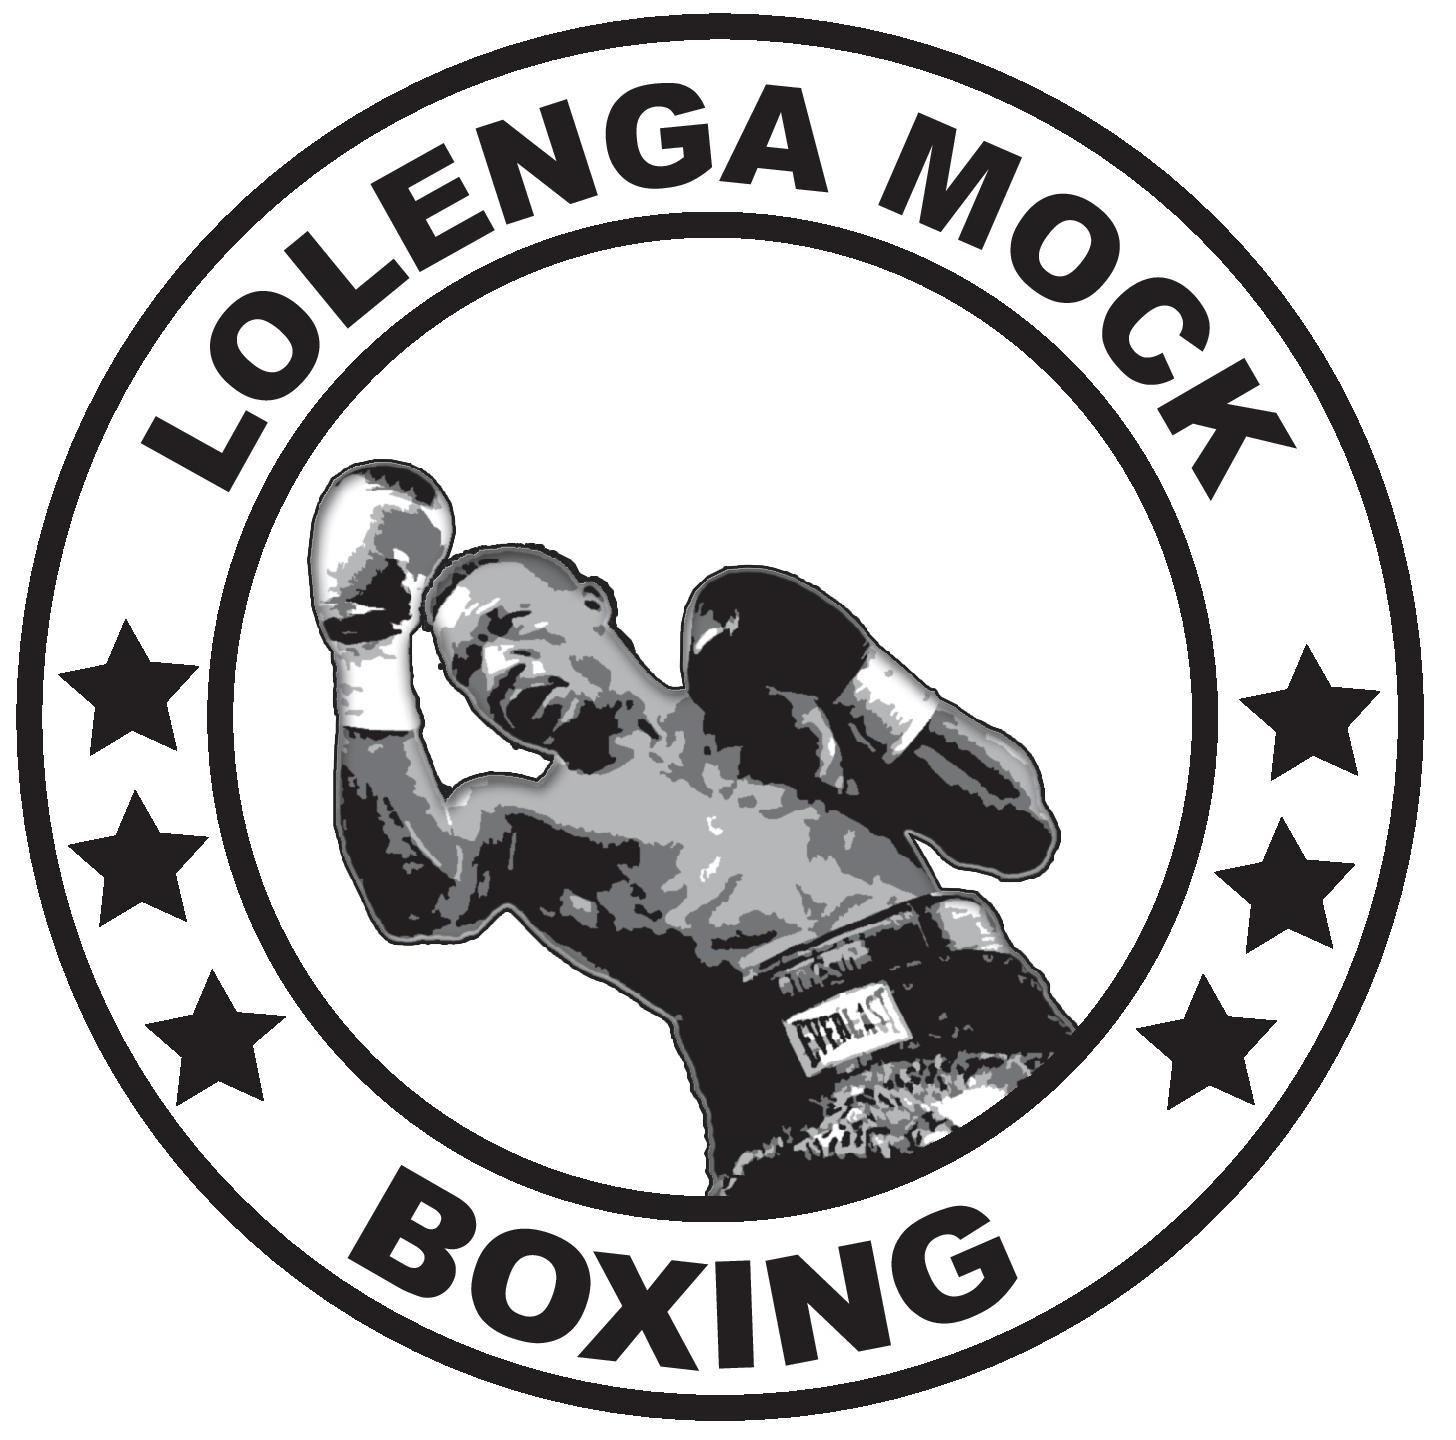 Lolenga Mock logo.